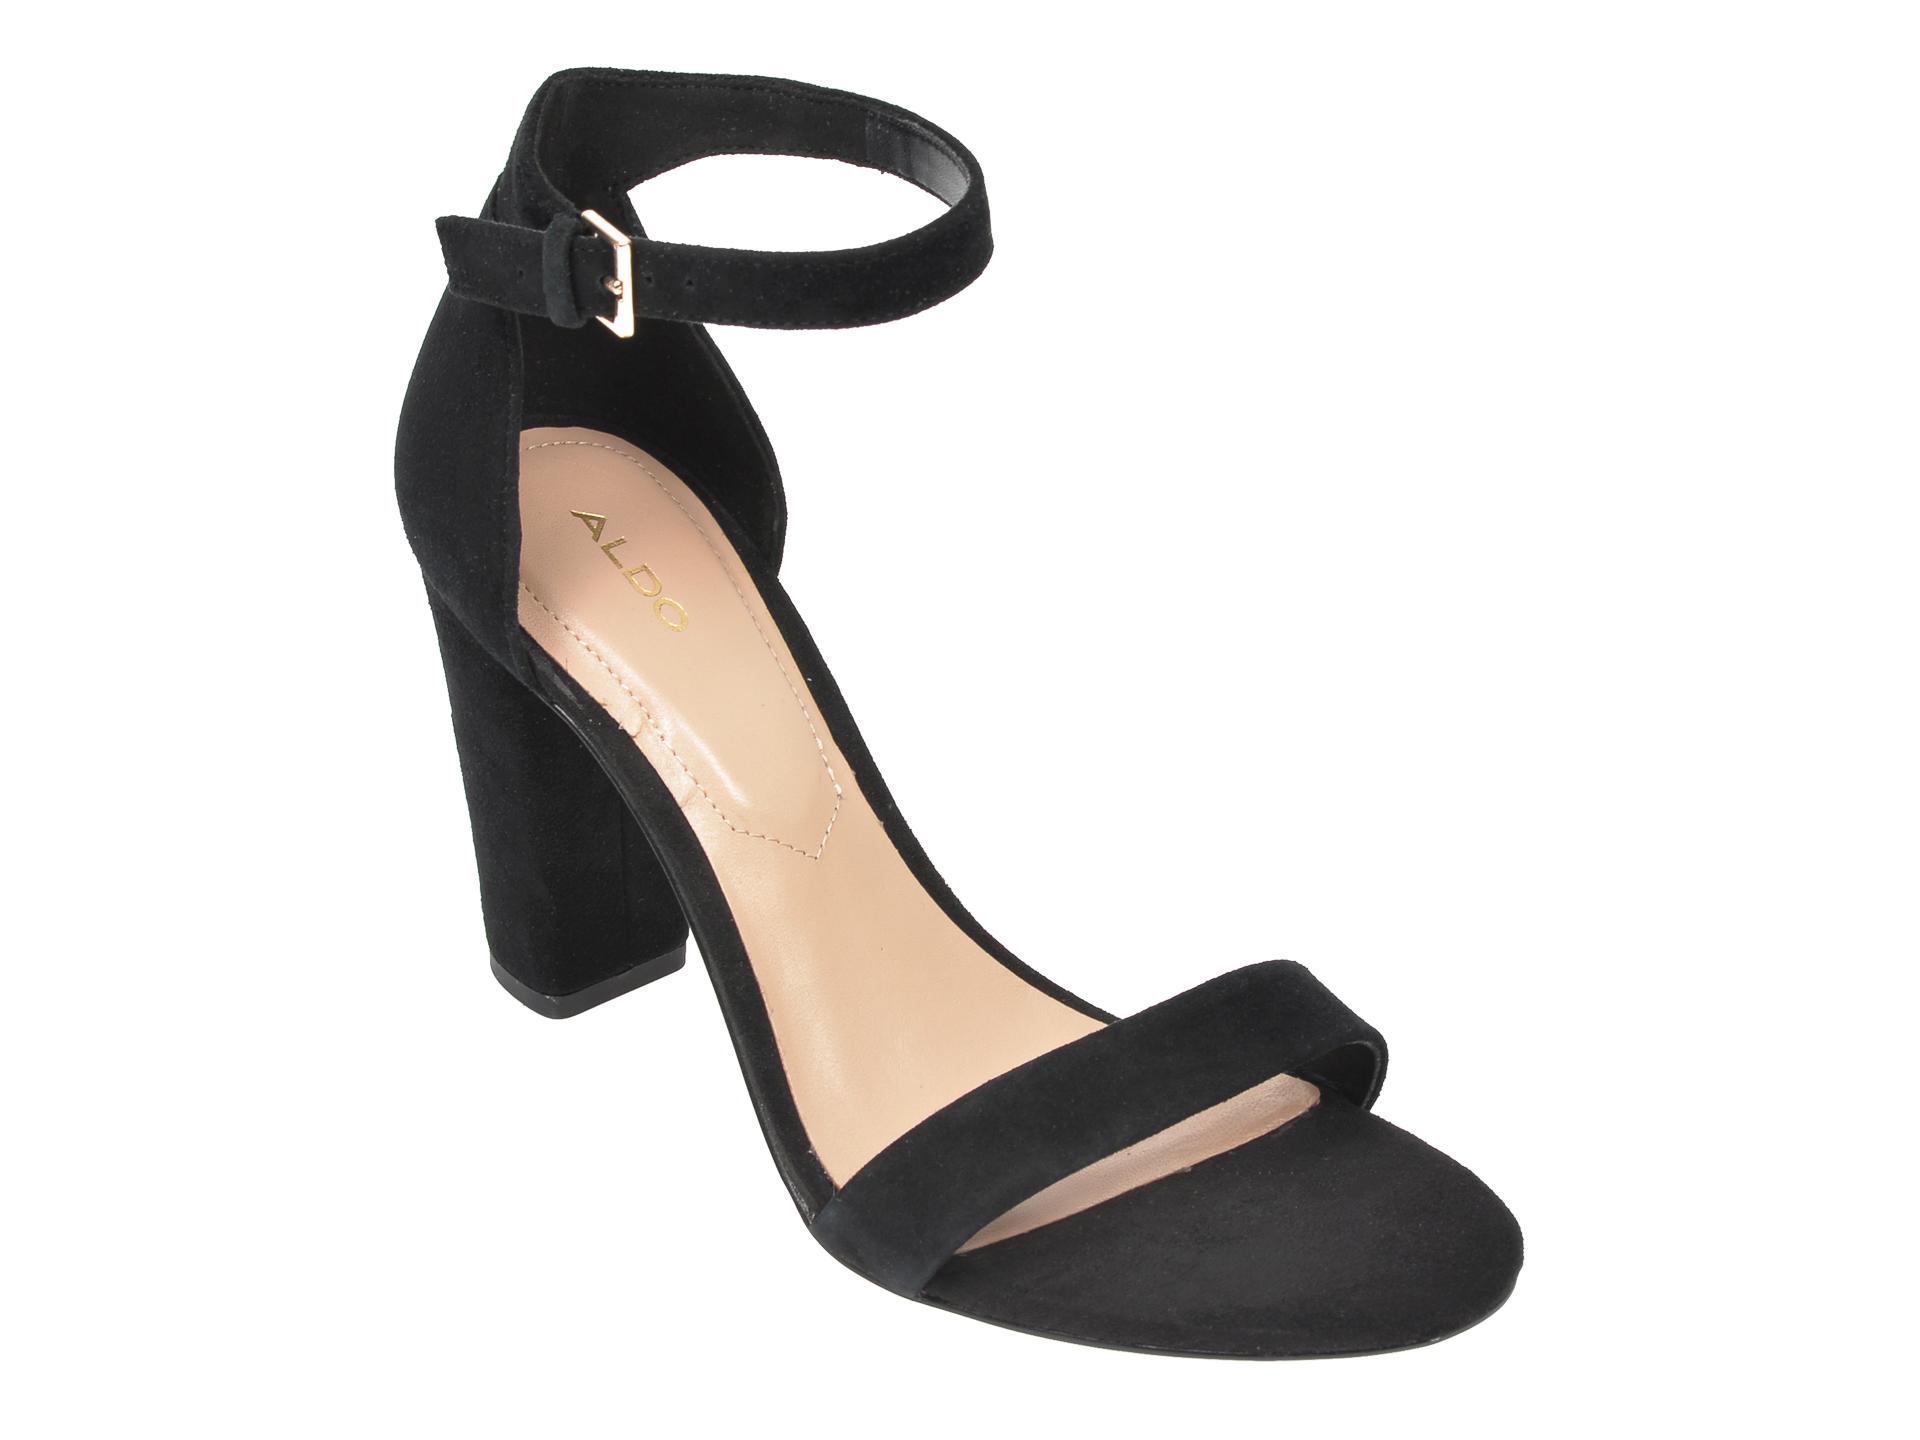 Sandale ALDO negre, Jerayclya001, din piele intoarsa imagine otter.ro